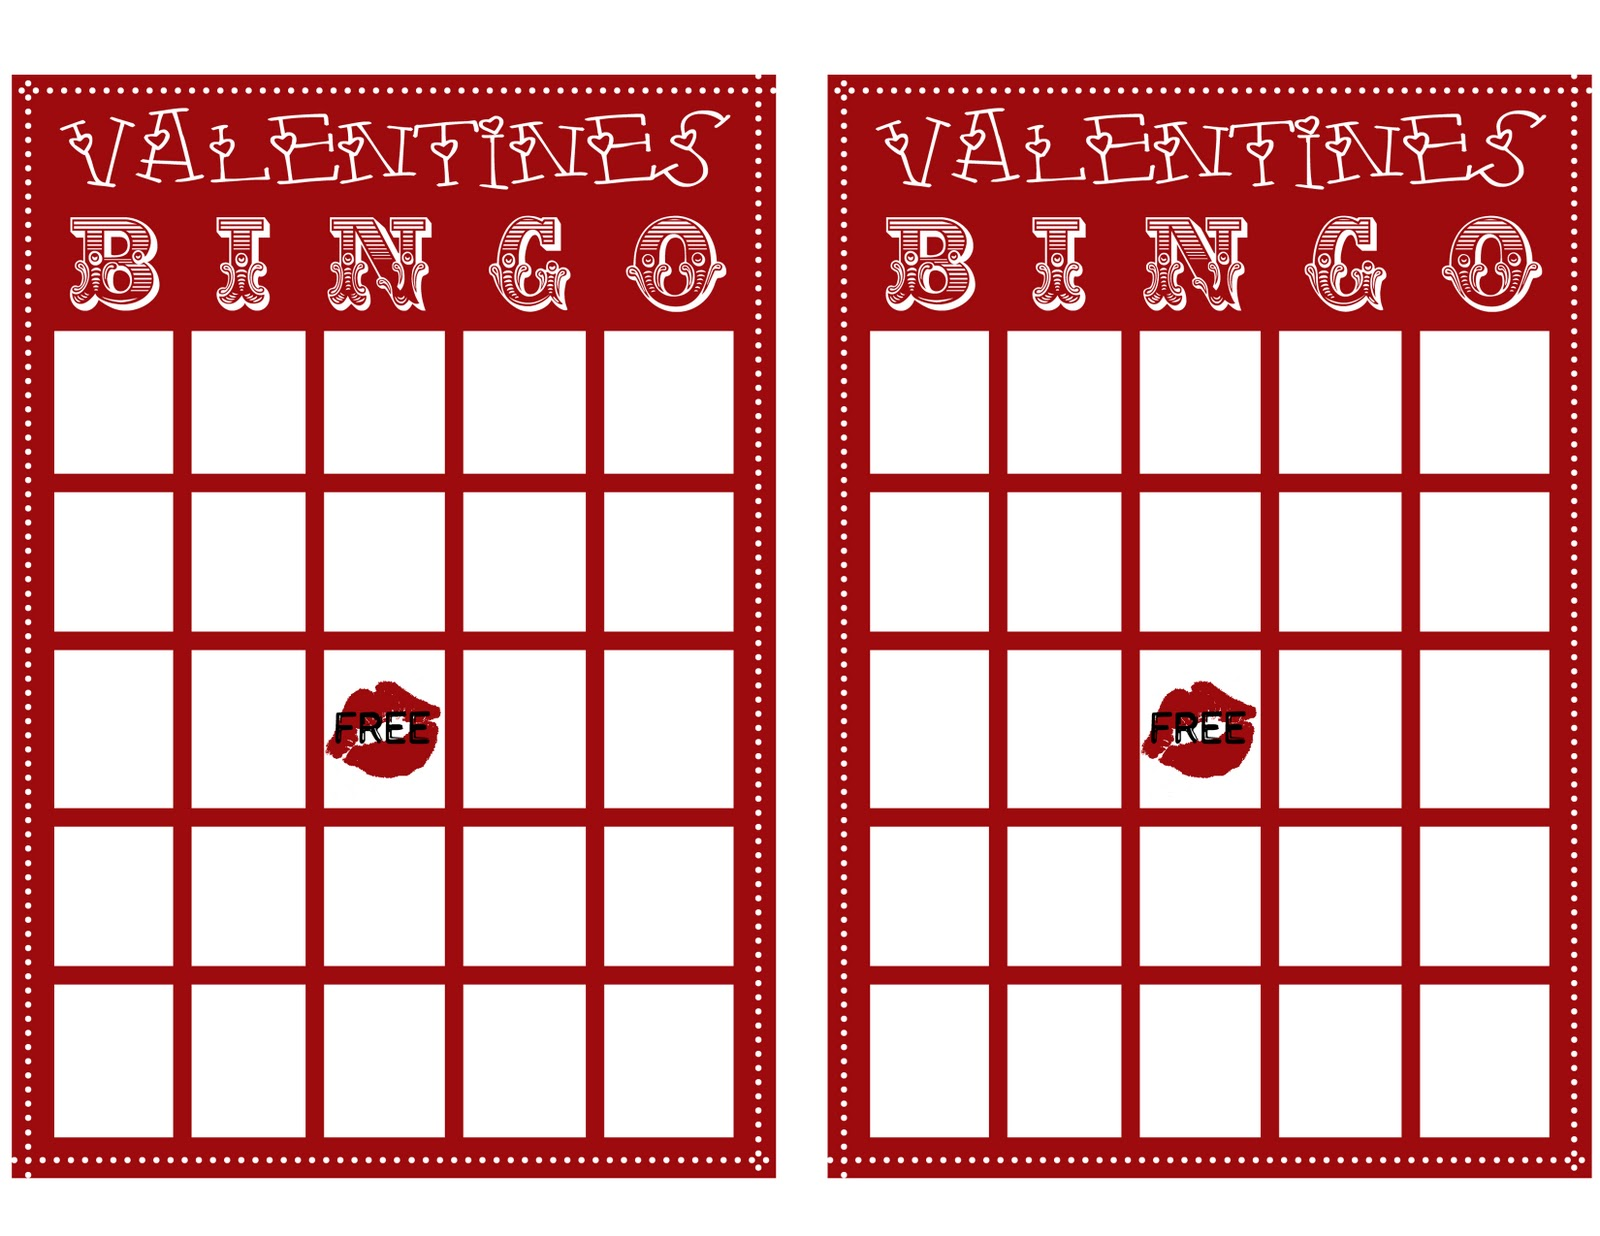 printable bingo card free blank apollo s templates printable bingo card free blank apollo s templates